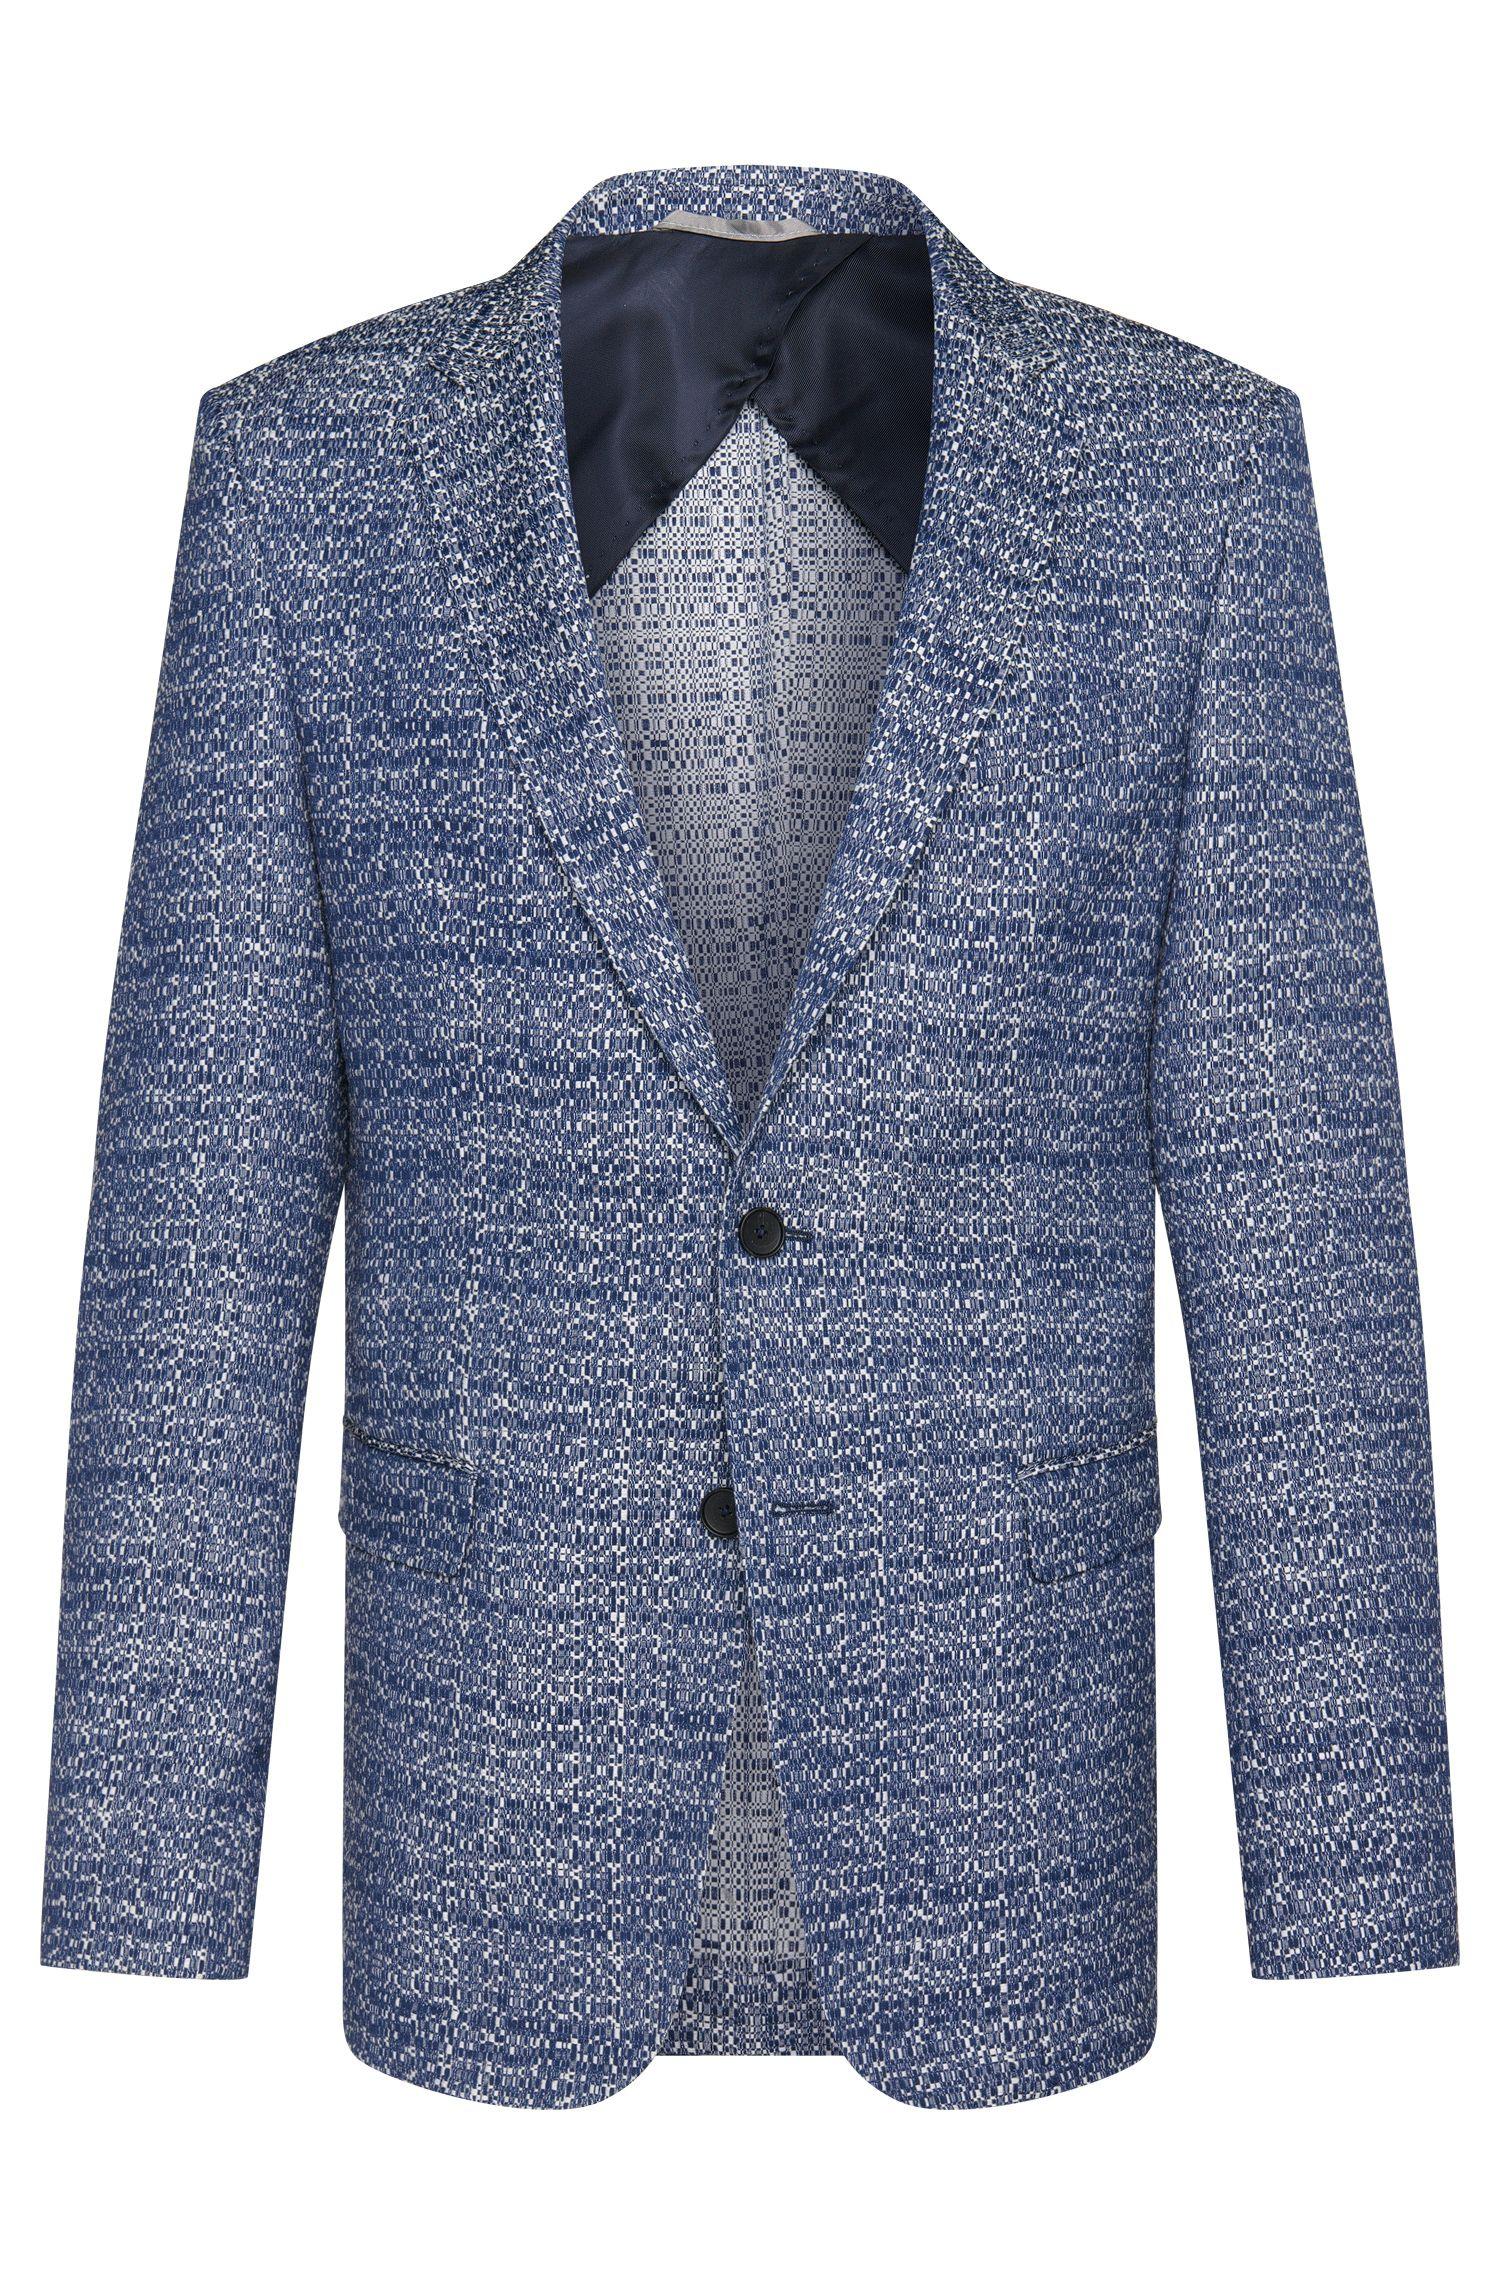 'Nobis'   Slim Fit, Cotton Blend Jacquard Sport Coat